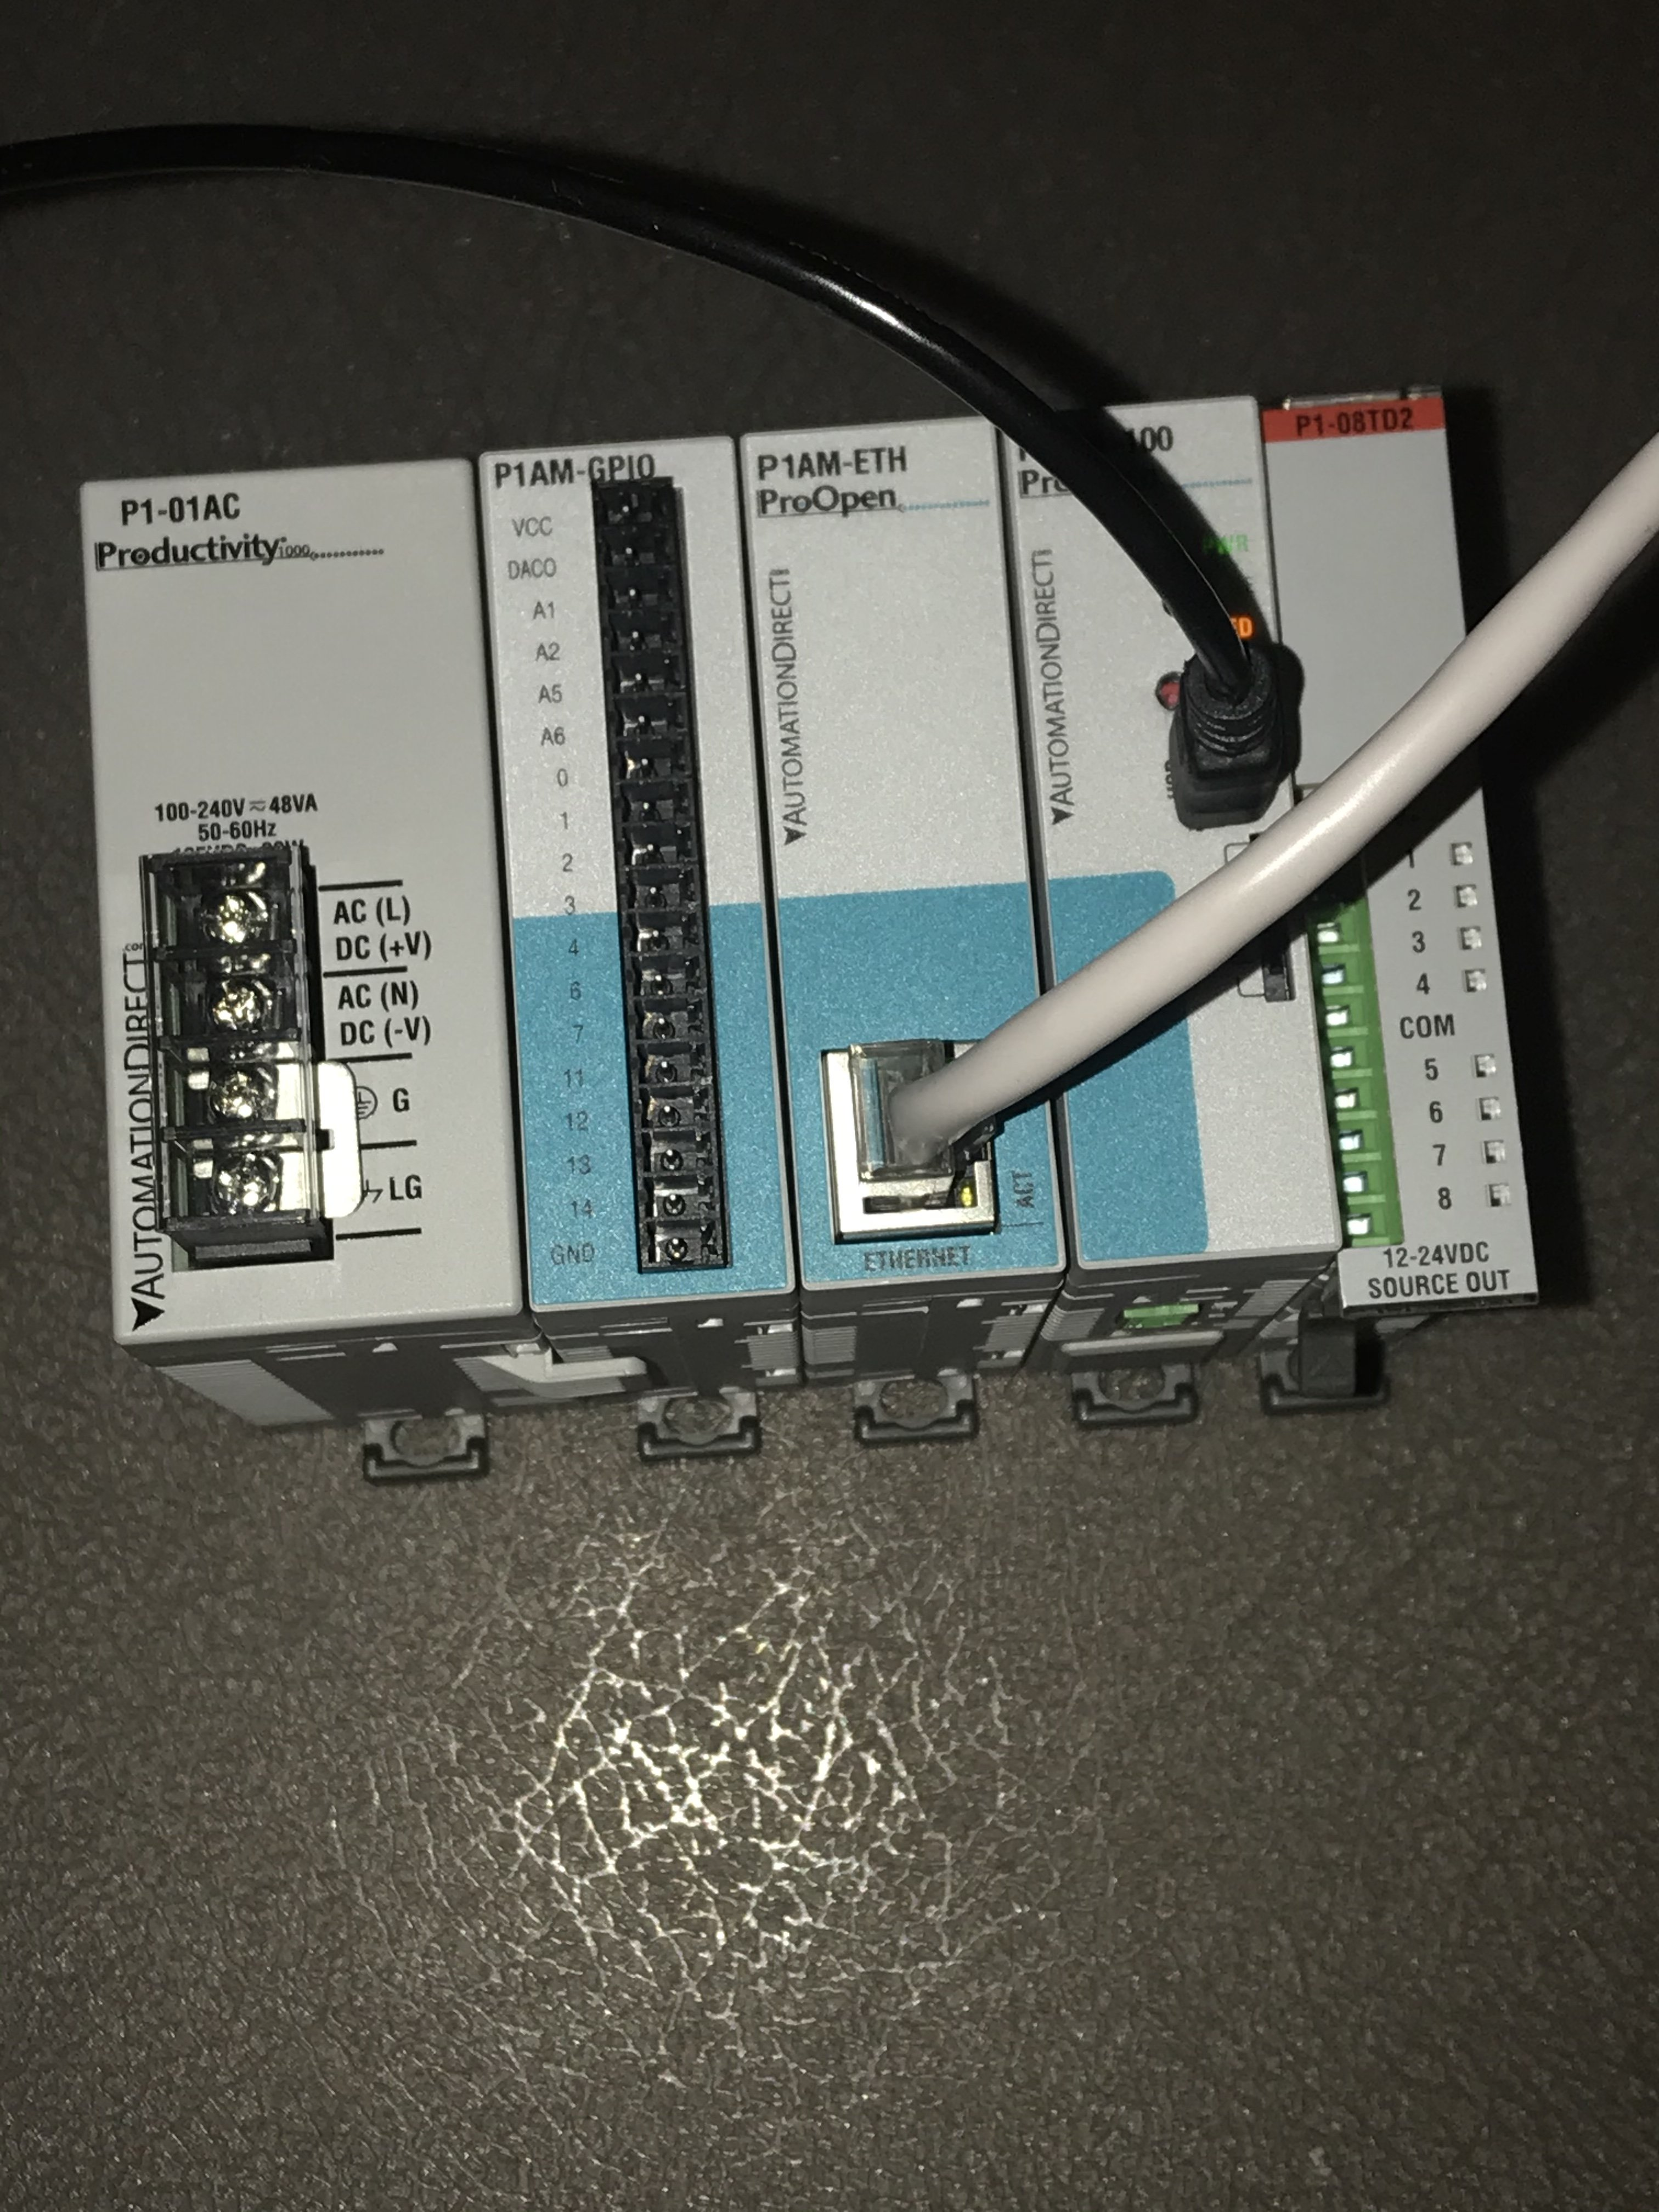 FD84DA28-4A3D-45AE-A62F-1475A565E3D6.jpeg